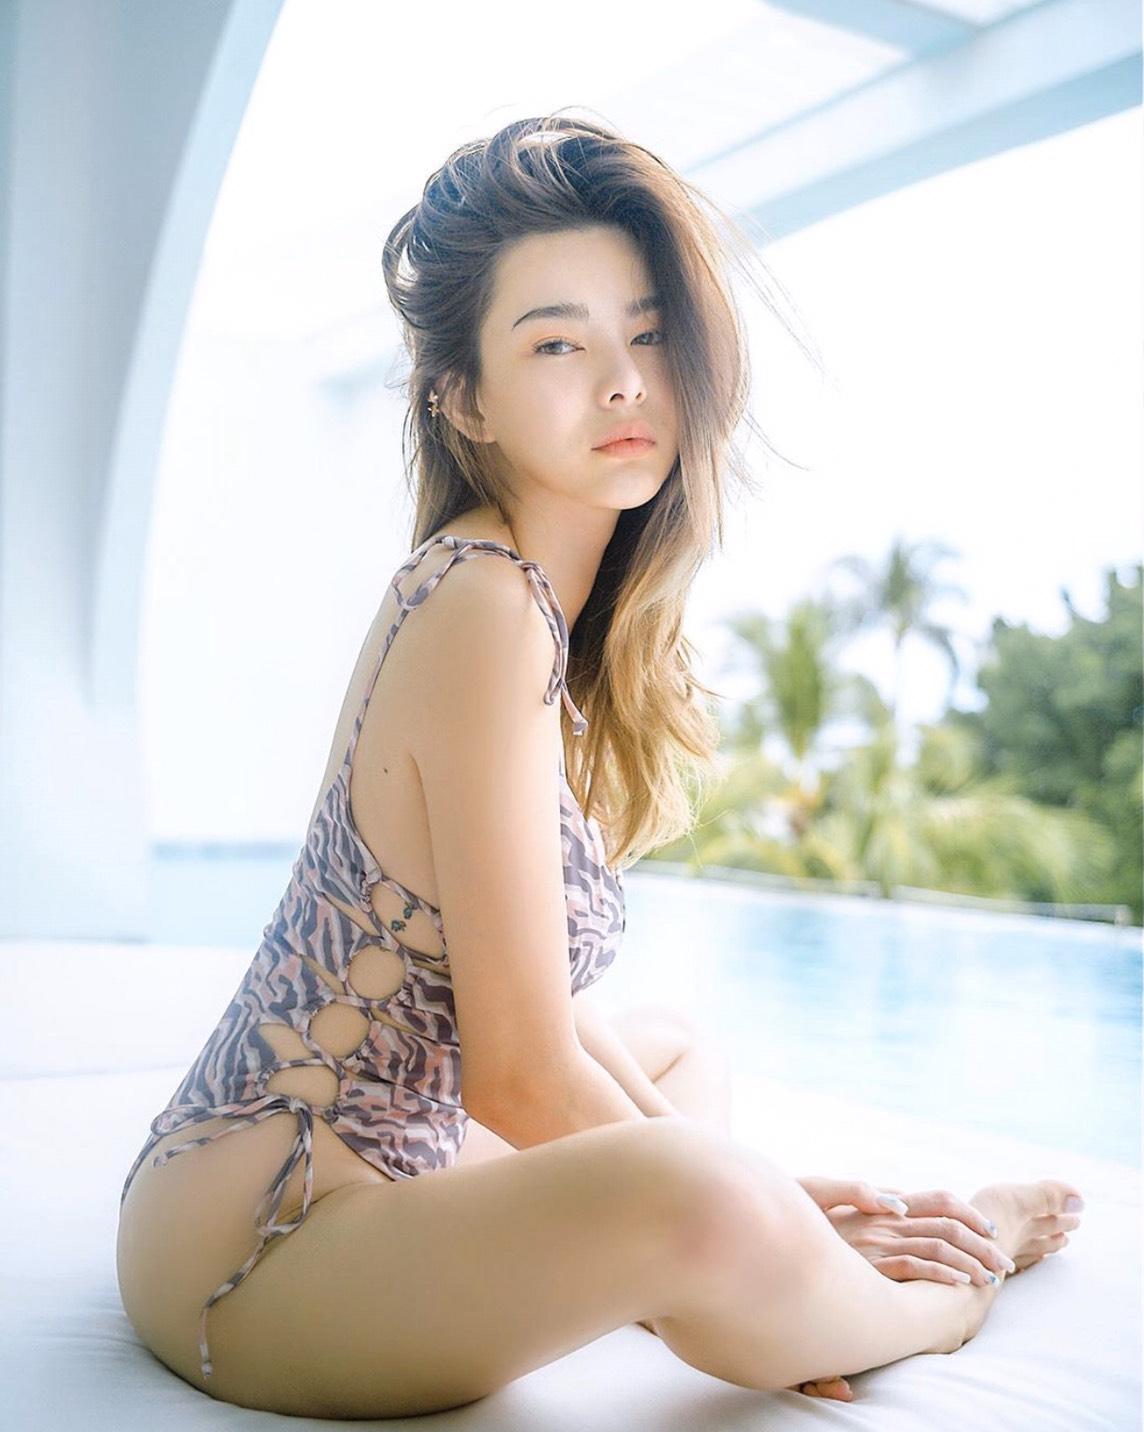 ส่องแฟชั่น ชุดว่ายน้ำ 2020 ดาราไทยสุดแซ่บ 2020 แซ่บกว่านี้มีอีกไหมมาดูกัน